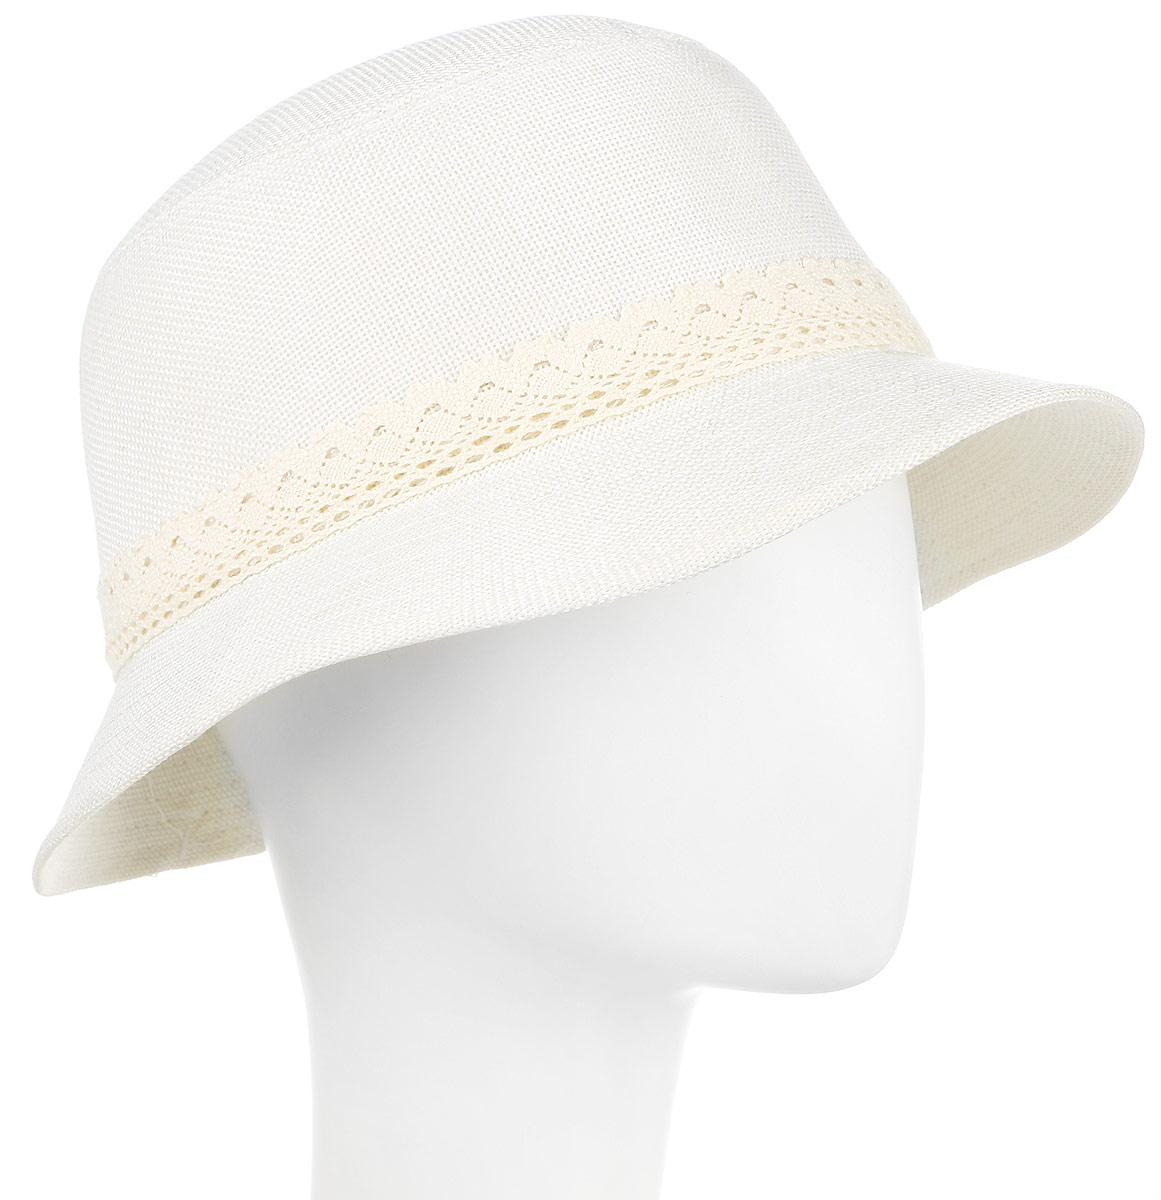 ШляпаHtW131012Нежная женская шляпа, украшенная цветком.